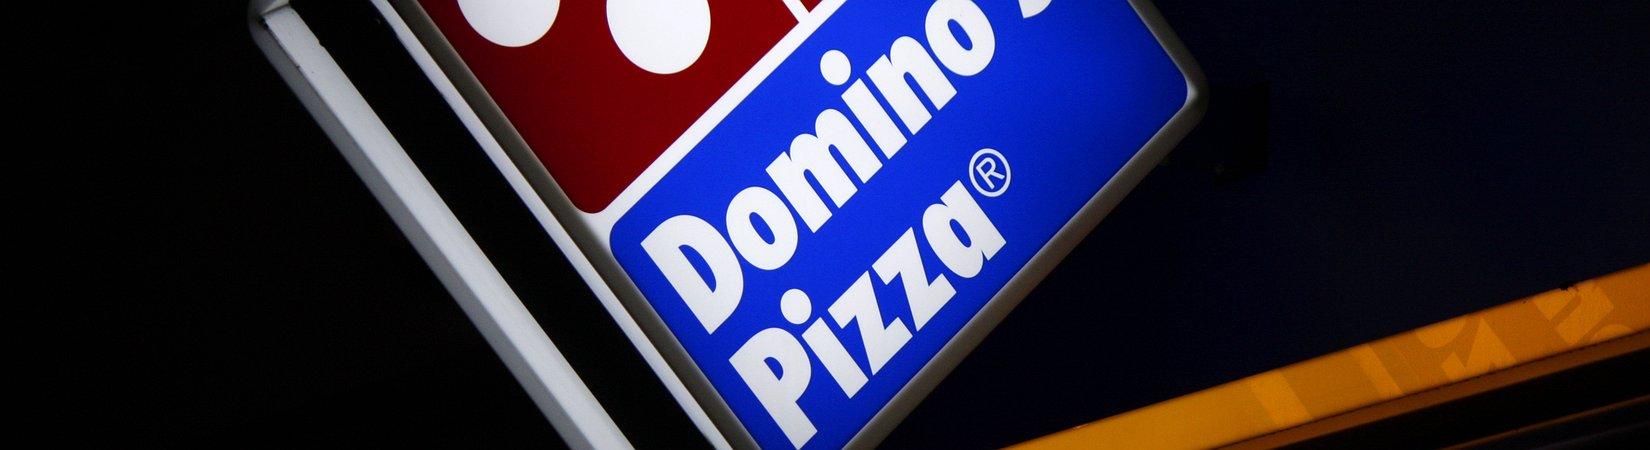 Франчайзи Domino's Pizza в России оценил себя в $422 млн перед IPO